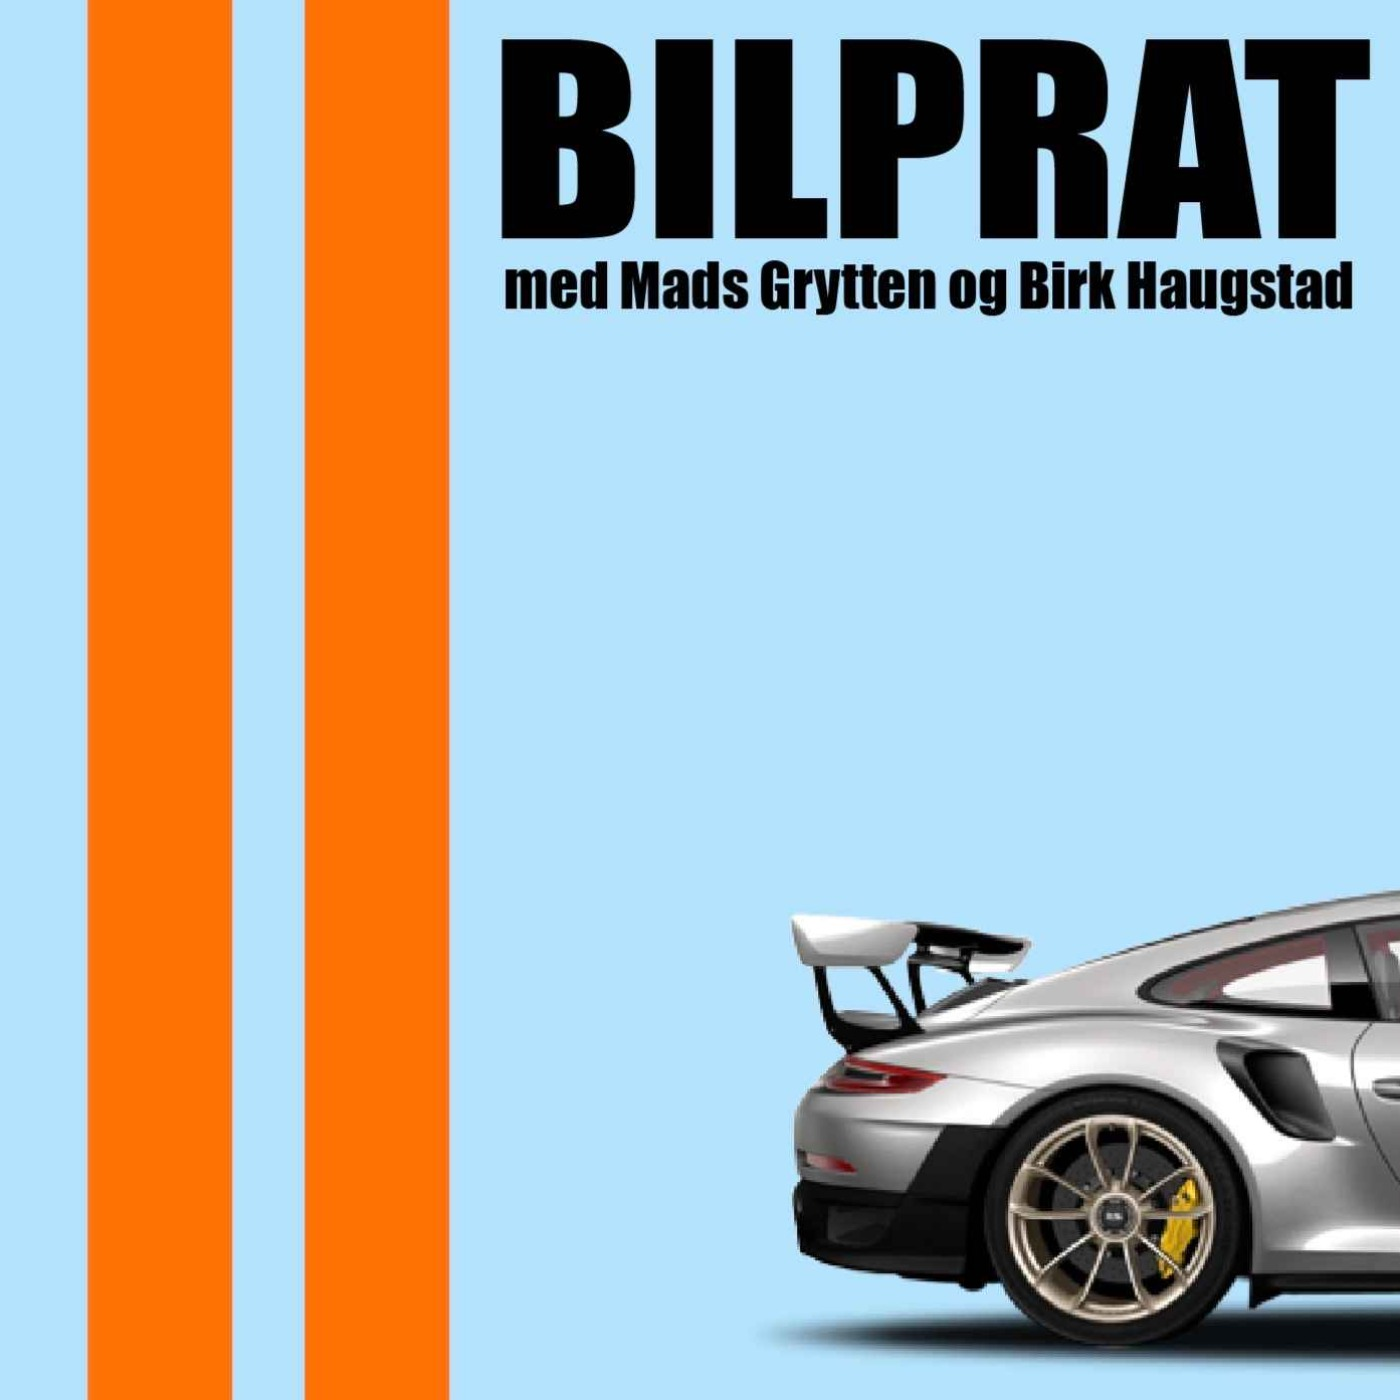 S03E02 - Vi handlet Porsche, Purosangue og vårt nye prosjekt #Miniupgrade